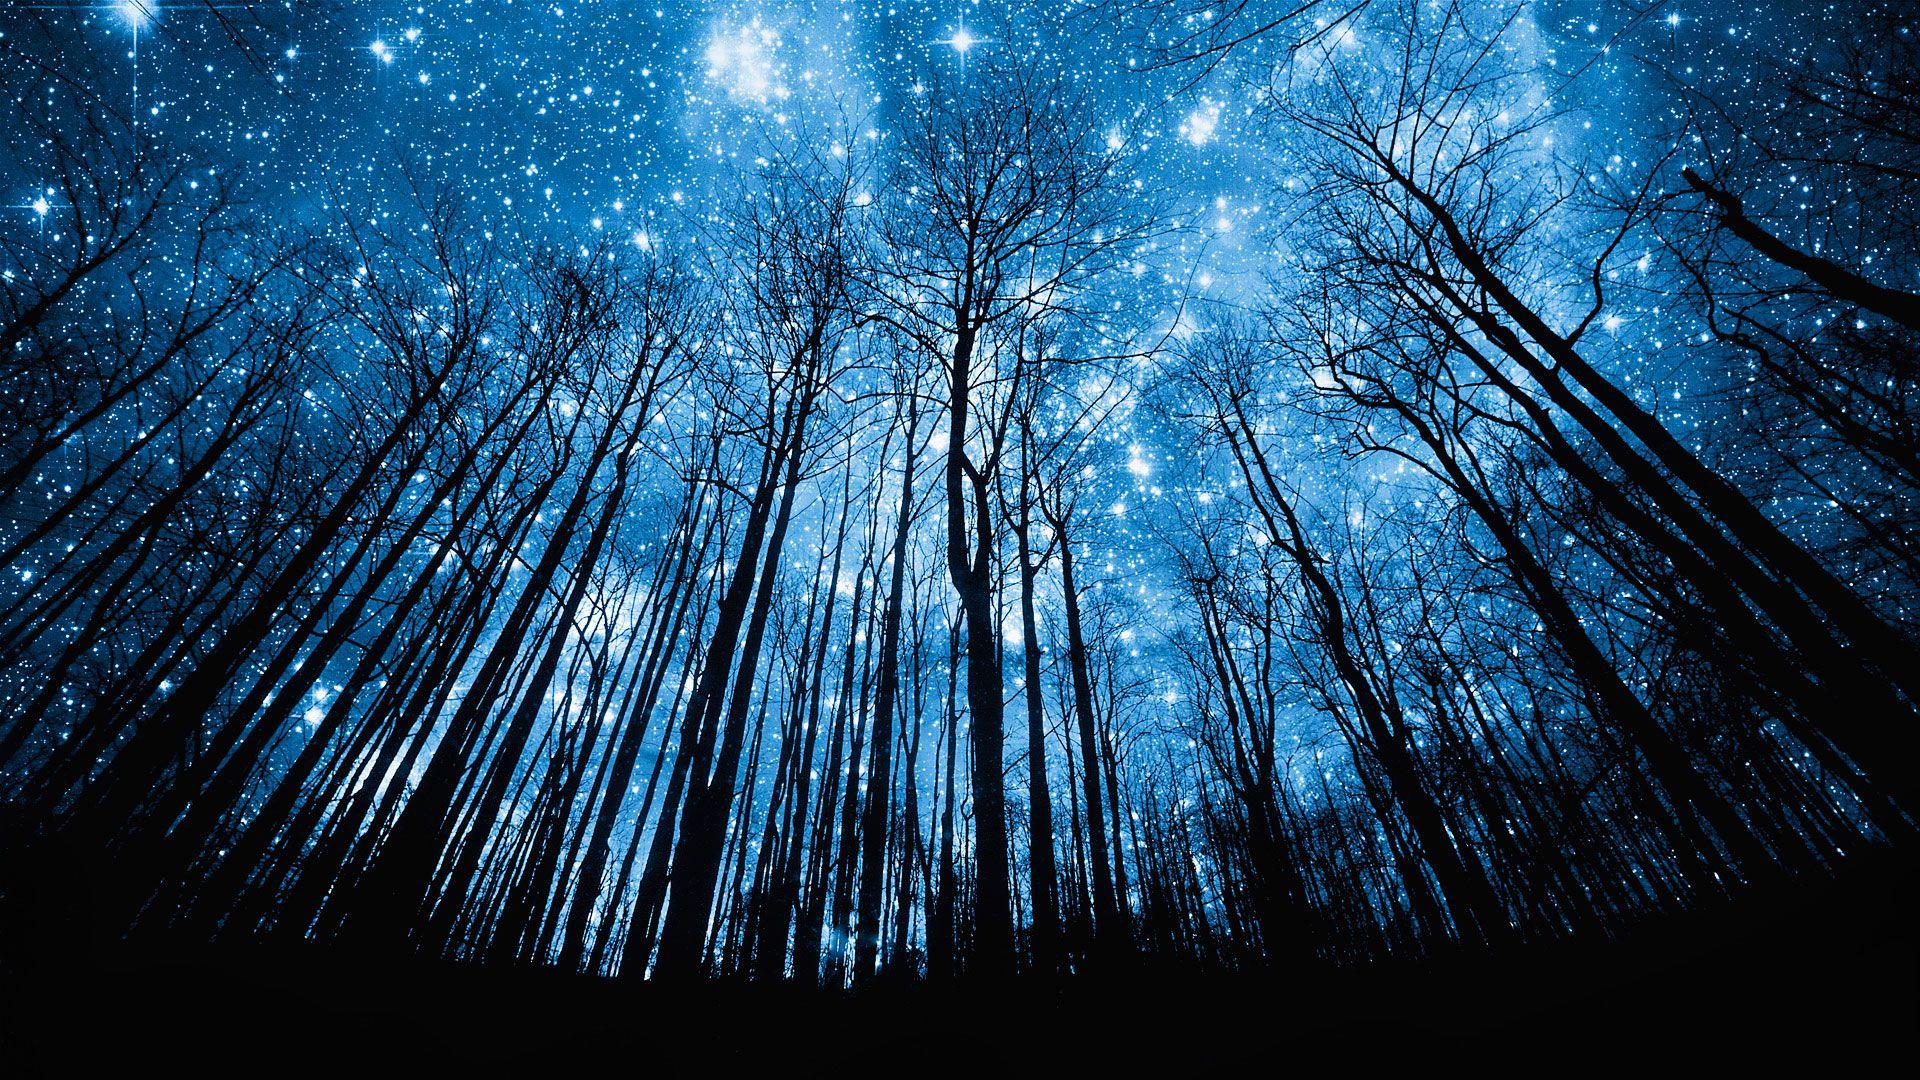 شب جایی که من بودم ...